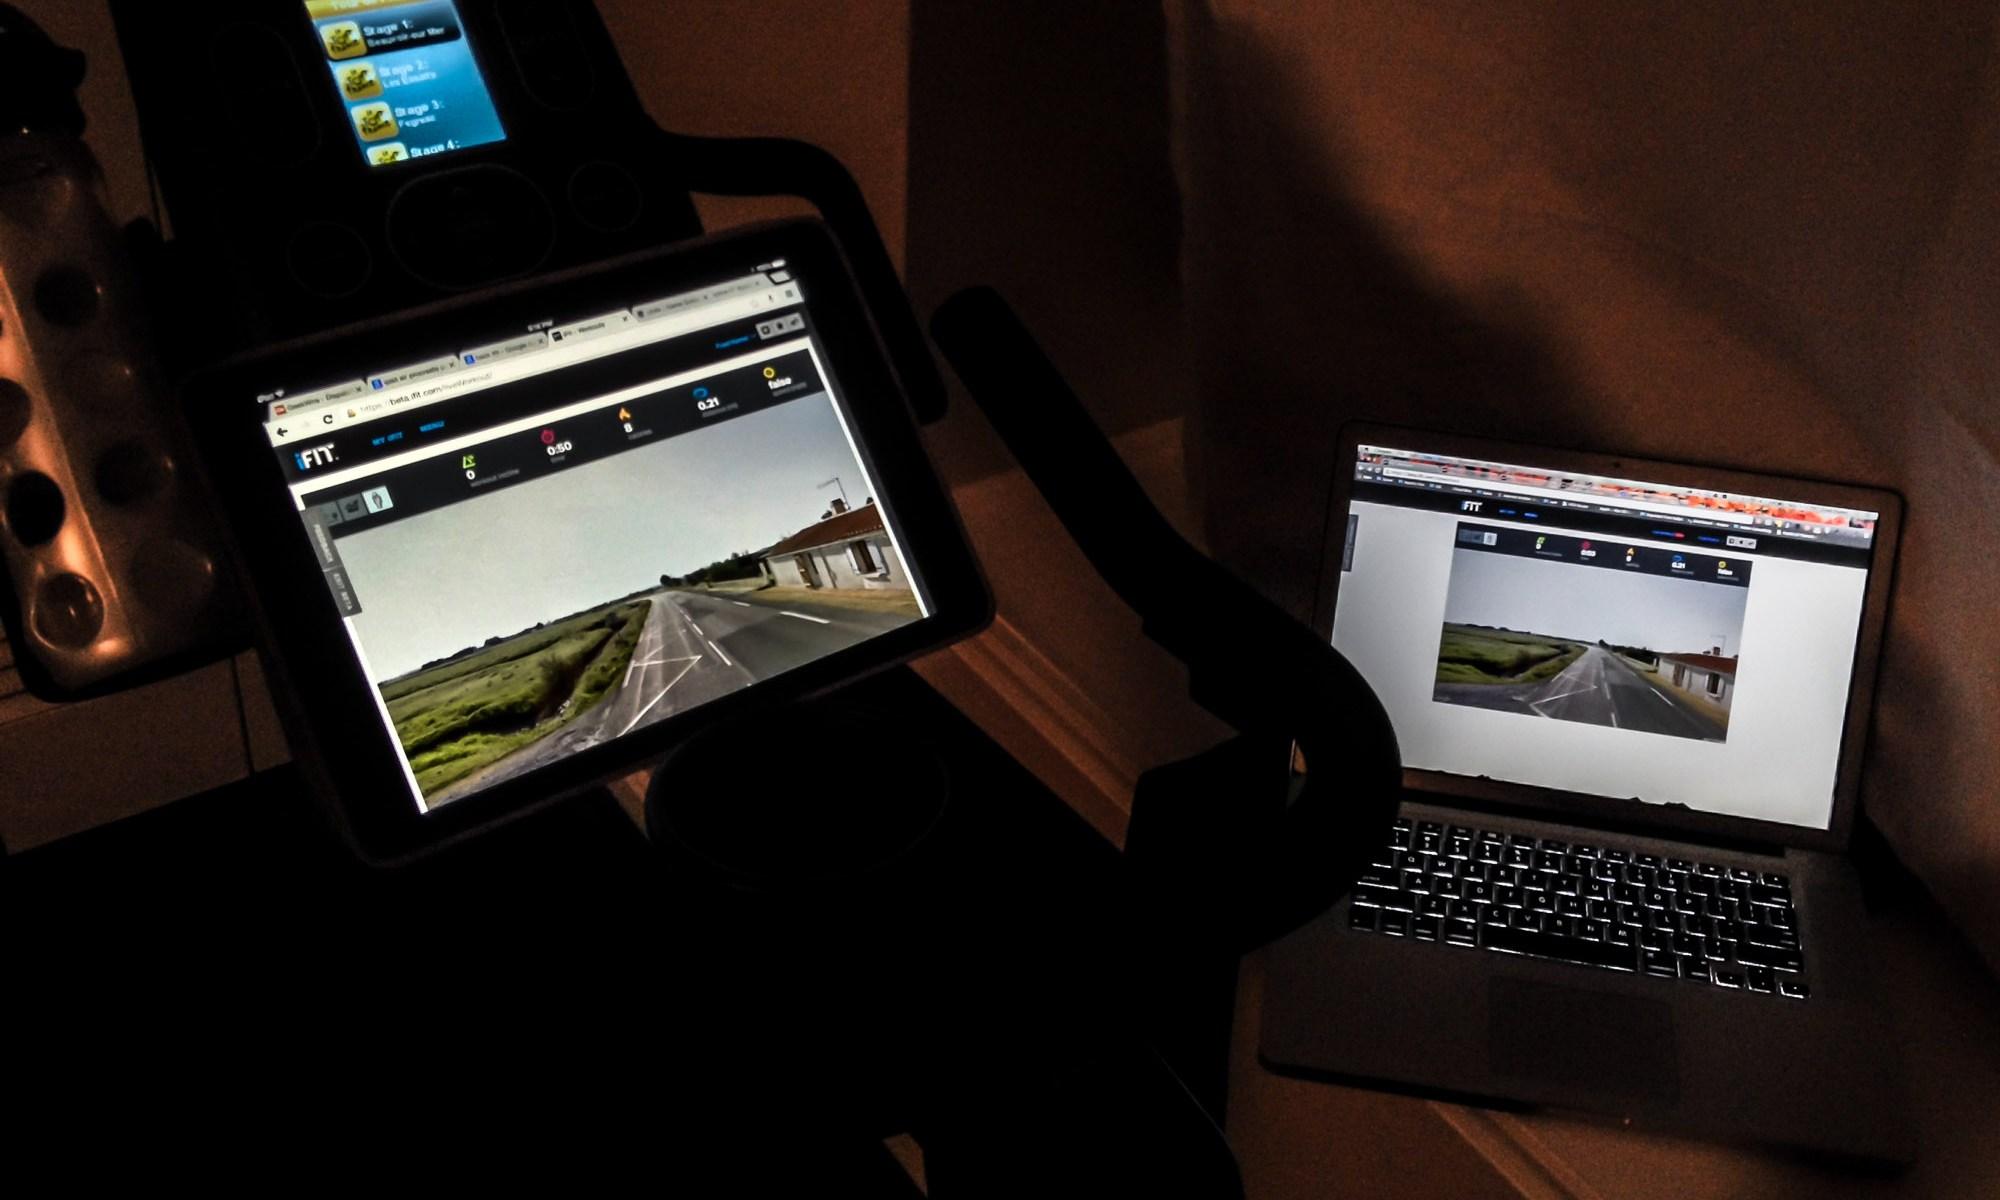 Hacking the ProForm Tour de France (part 2) - Ruminations